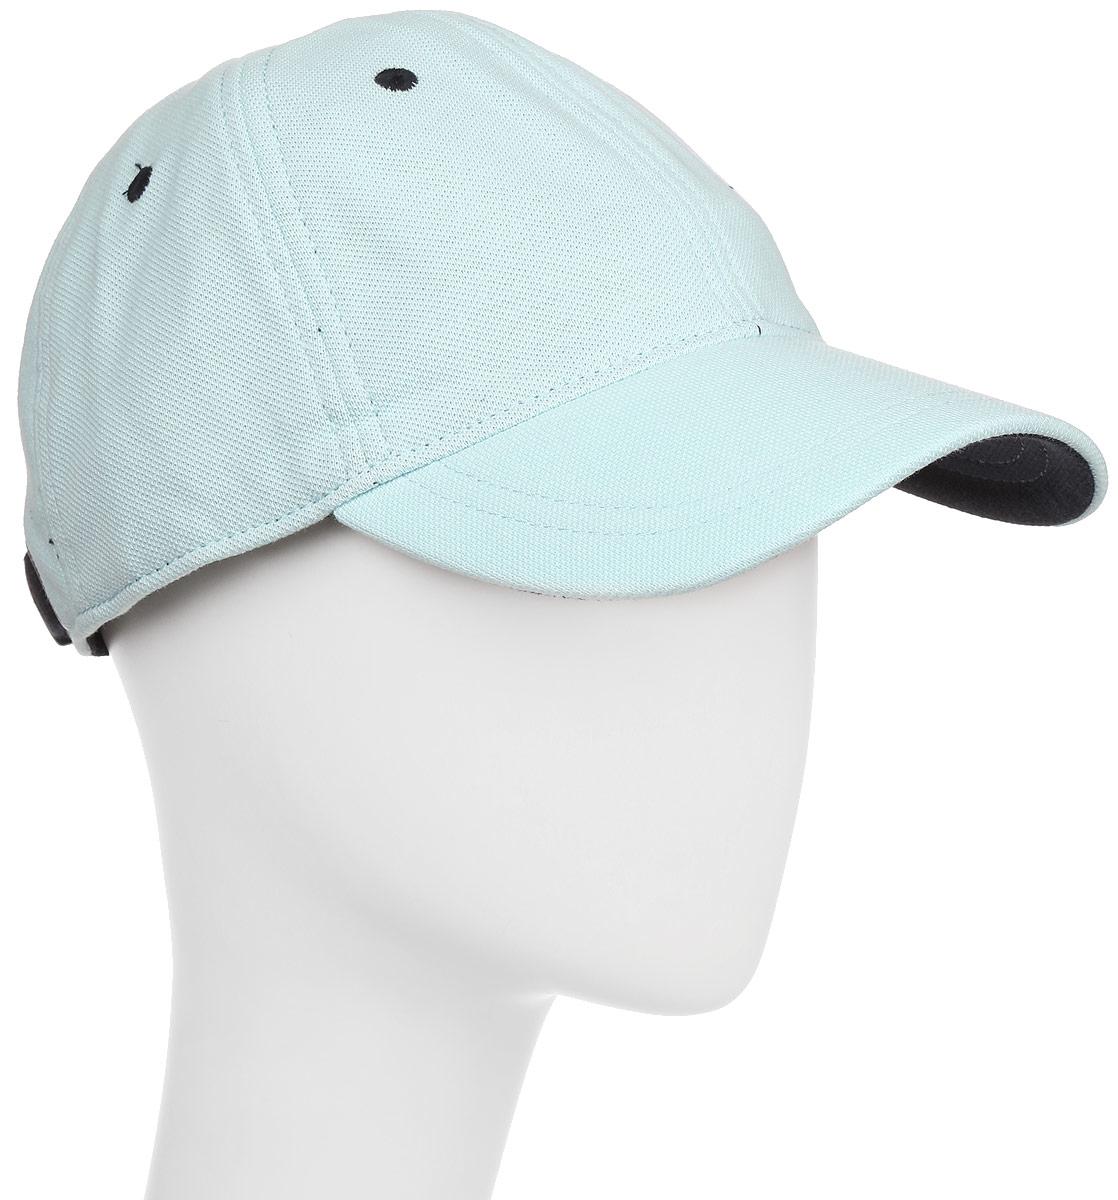 Бейсболка мужская Fred Perry Pique Classic Cap, цвет: голубой. HW1610-105. Размер универсальный